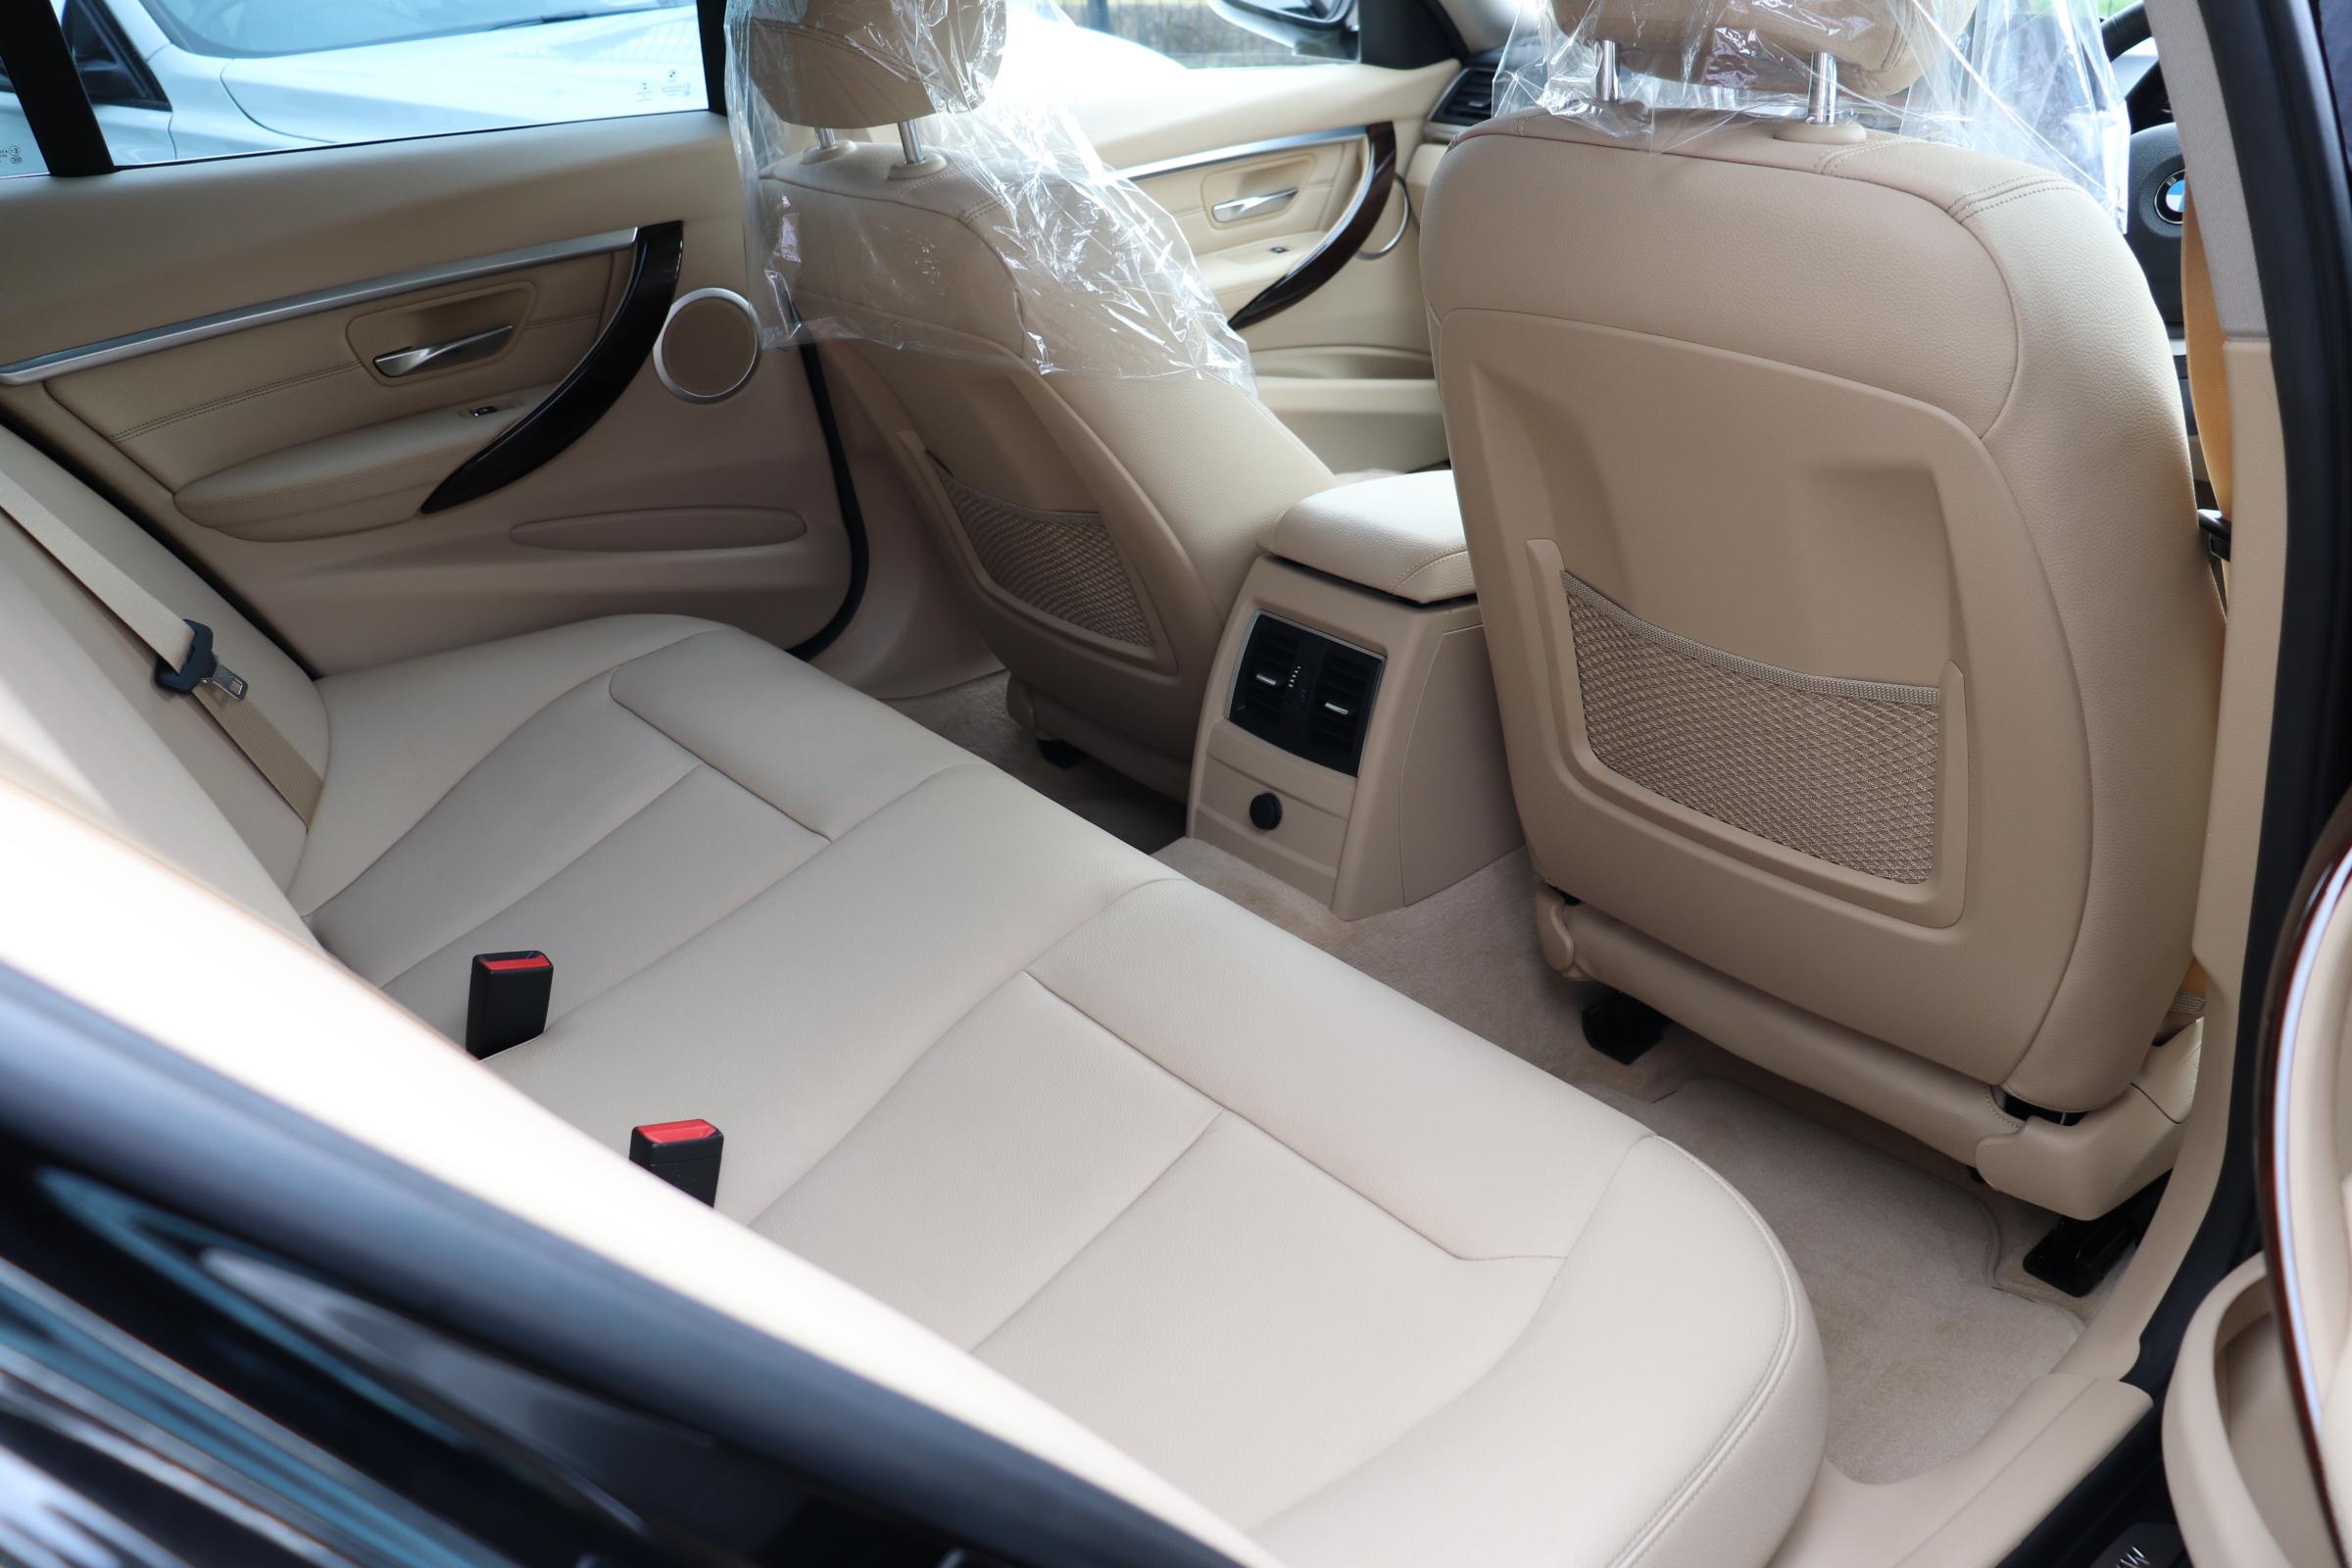 320d ラグジュアリー BEAMコンプリートカー後期モデル 淡革 LEDヘッド ACC車両画像10